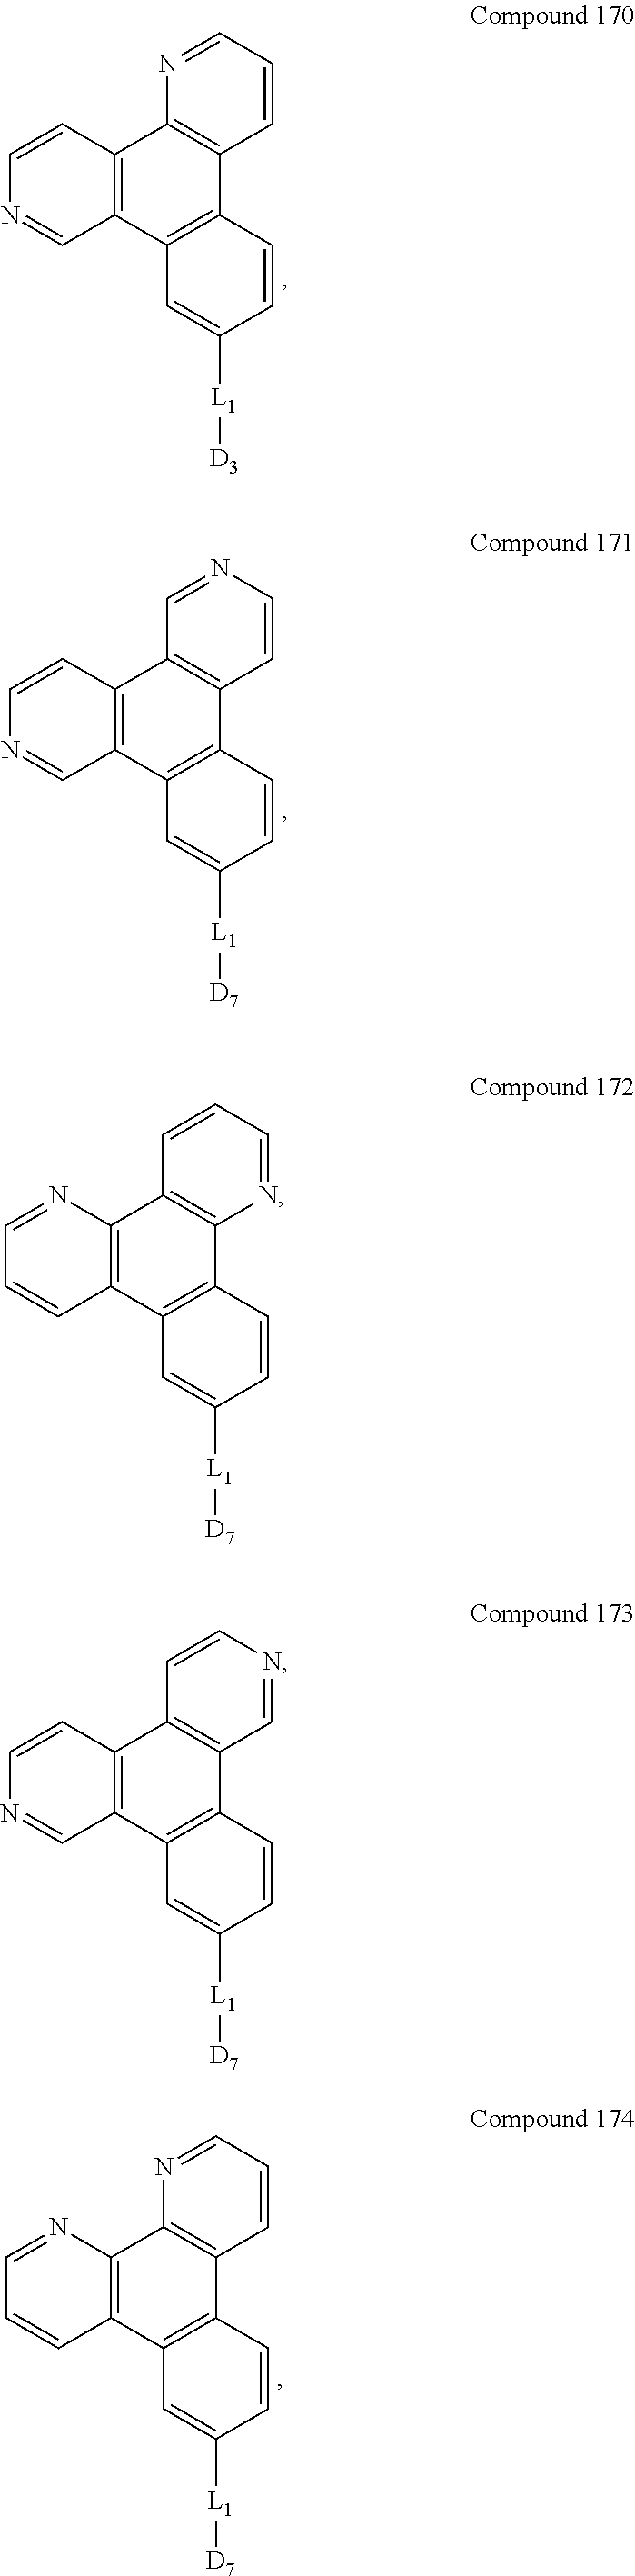 Figure US09537106-20170103-C00191